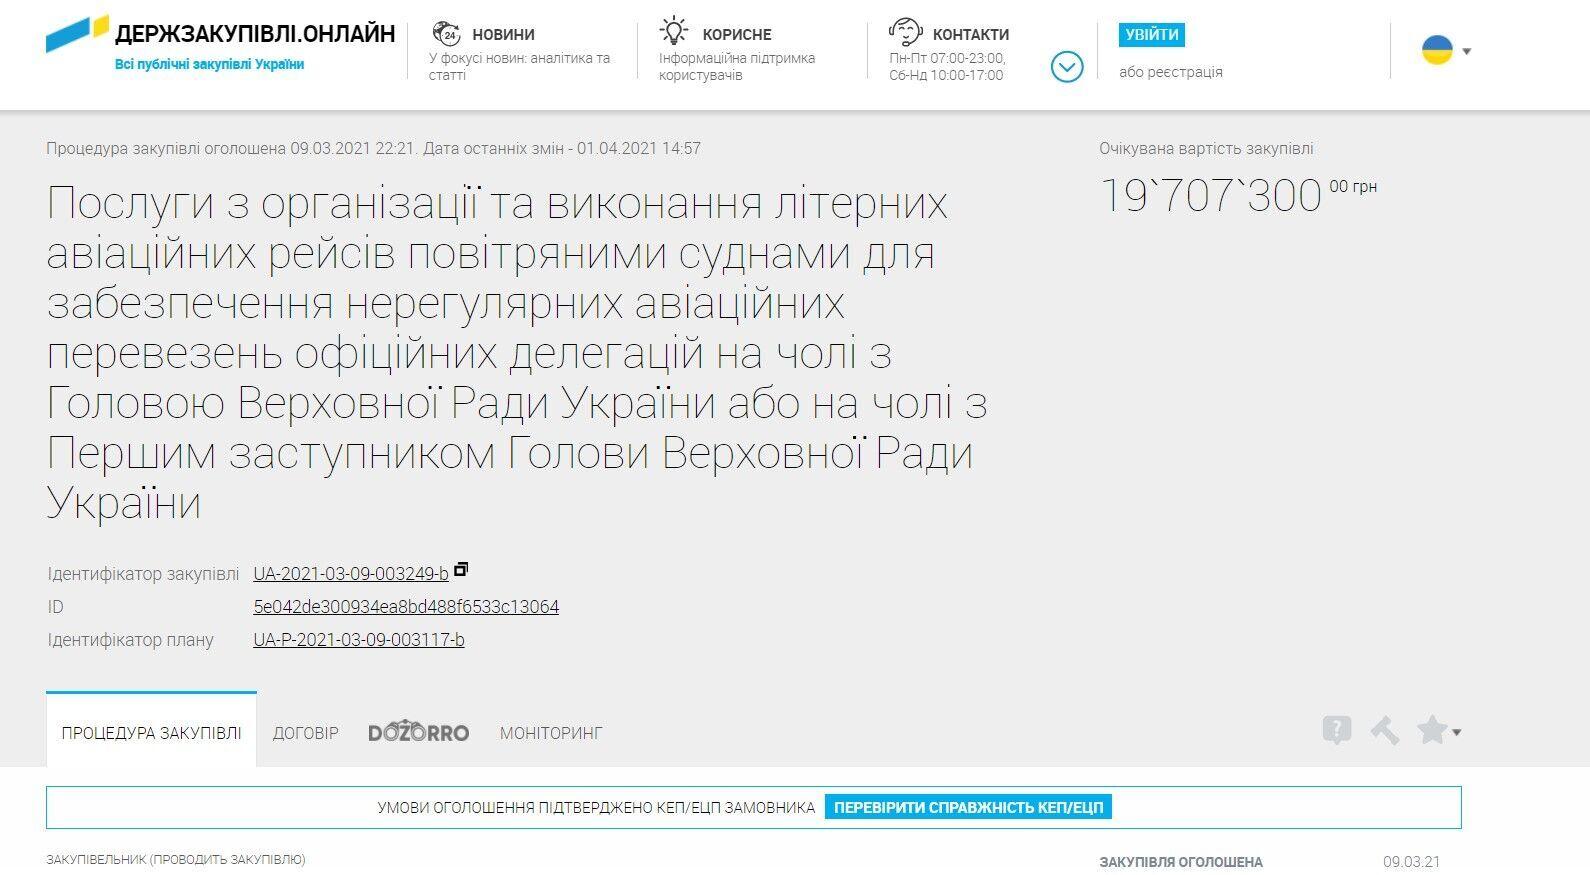 Разумков разом із нардепами витратять на перельоти 20 млн грн із бюджету: розкрито закупівлі